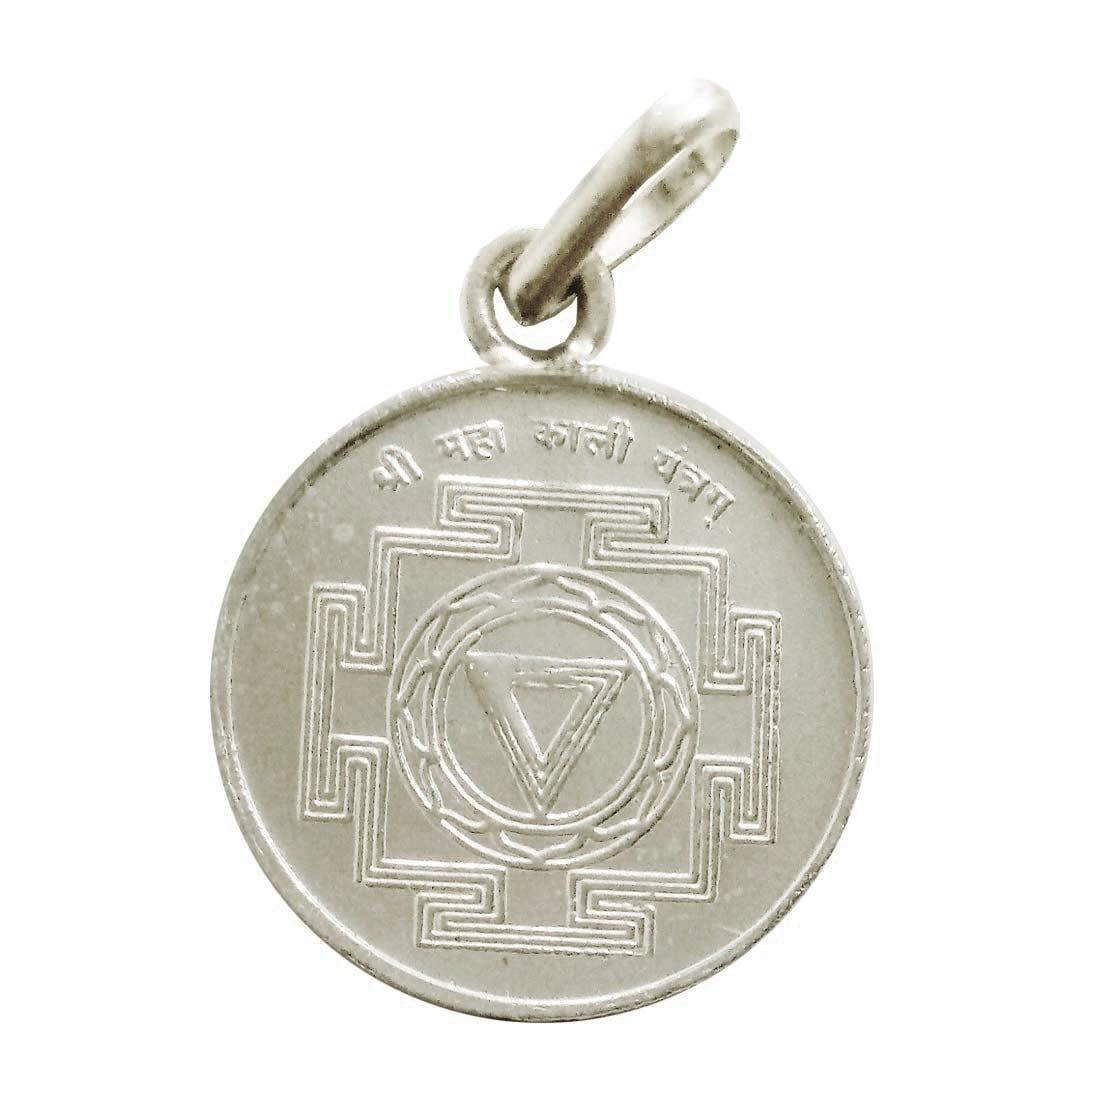 Numeroastro Shri Maha Kali Yantra Pendant In Pure Silver (5.5 Grams) (1 Pc)